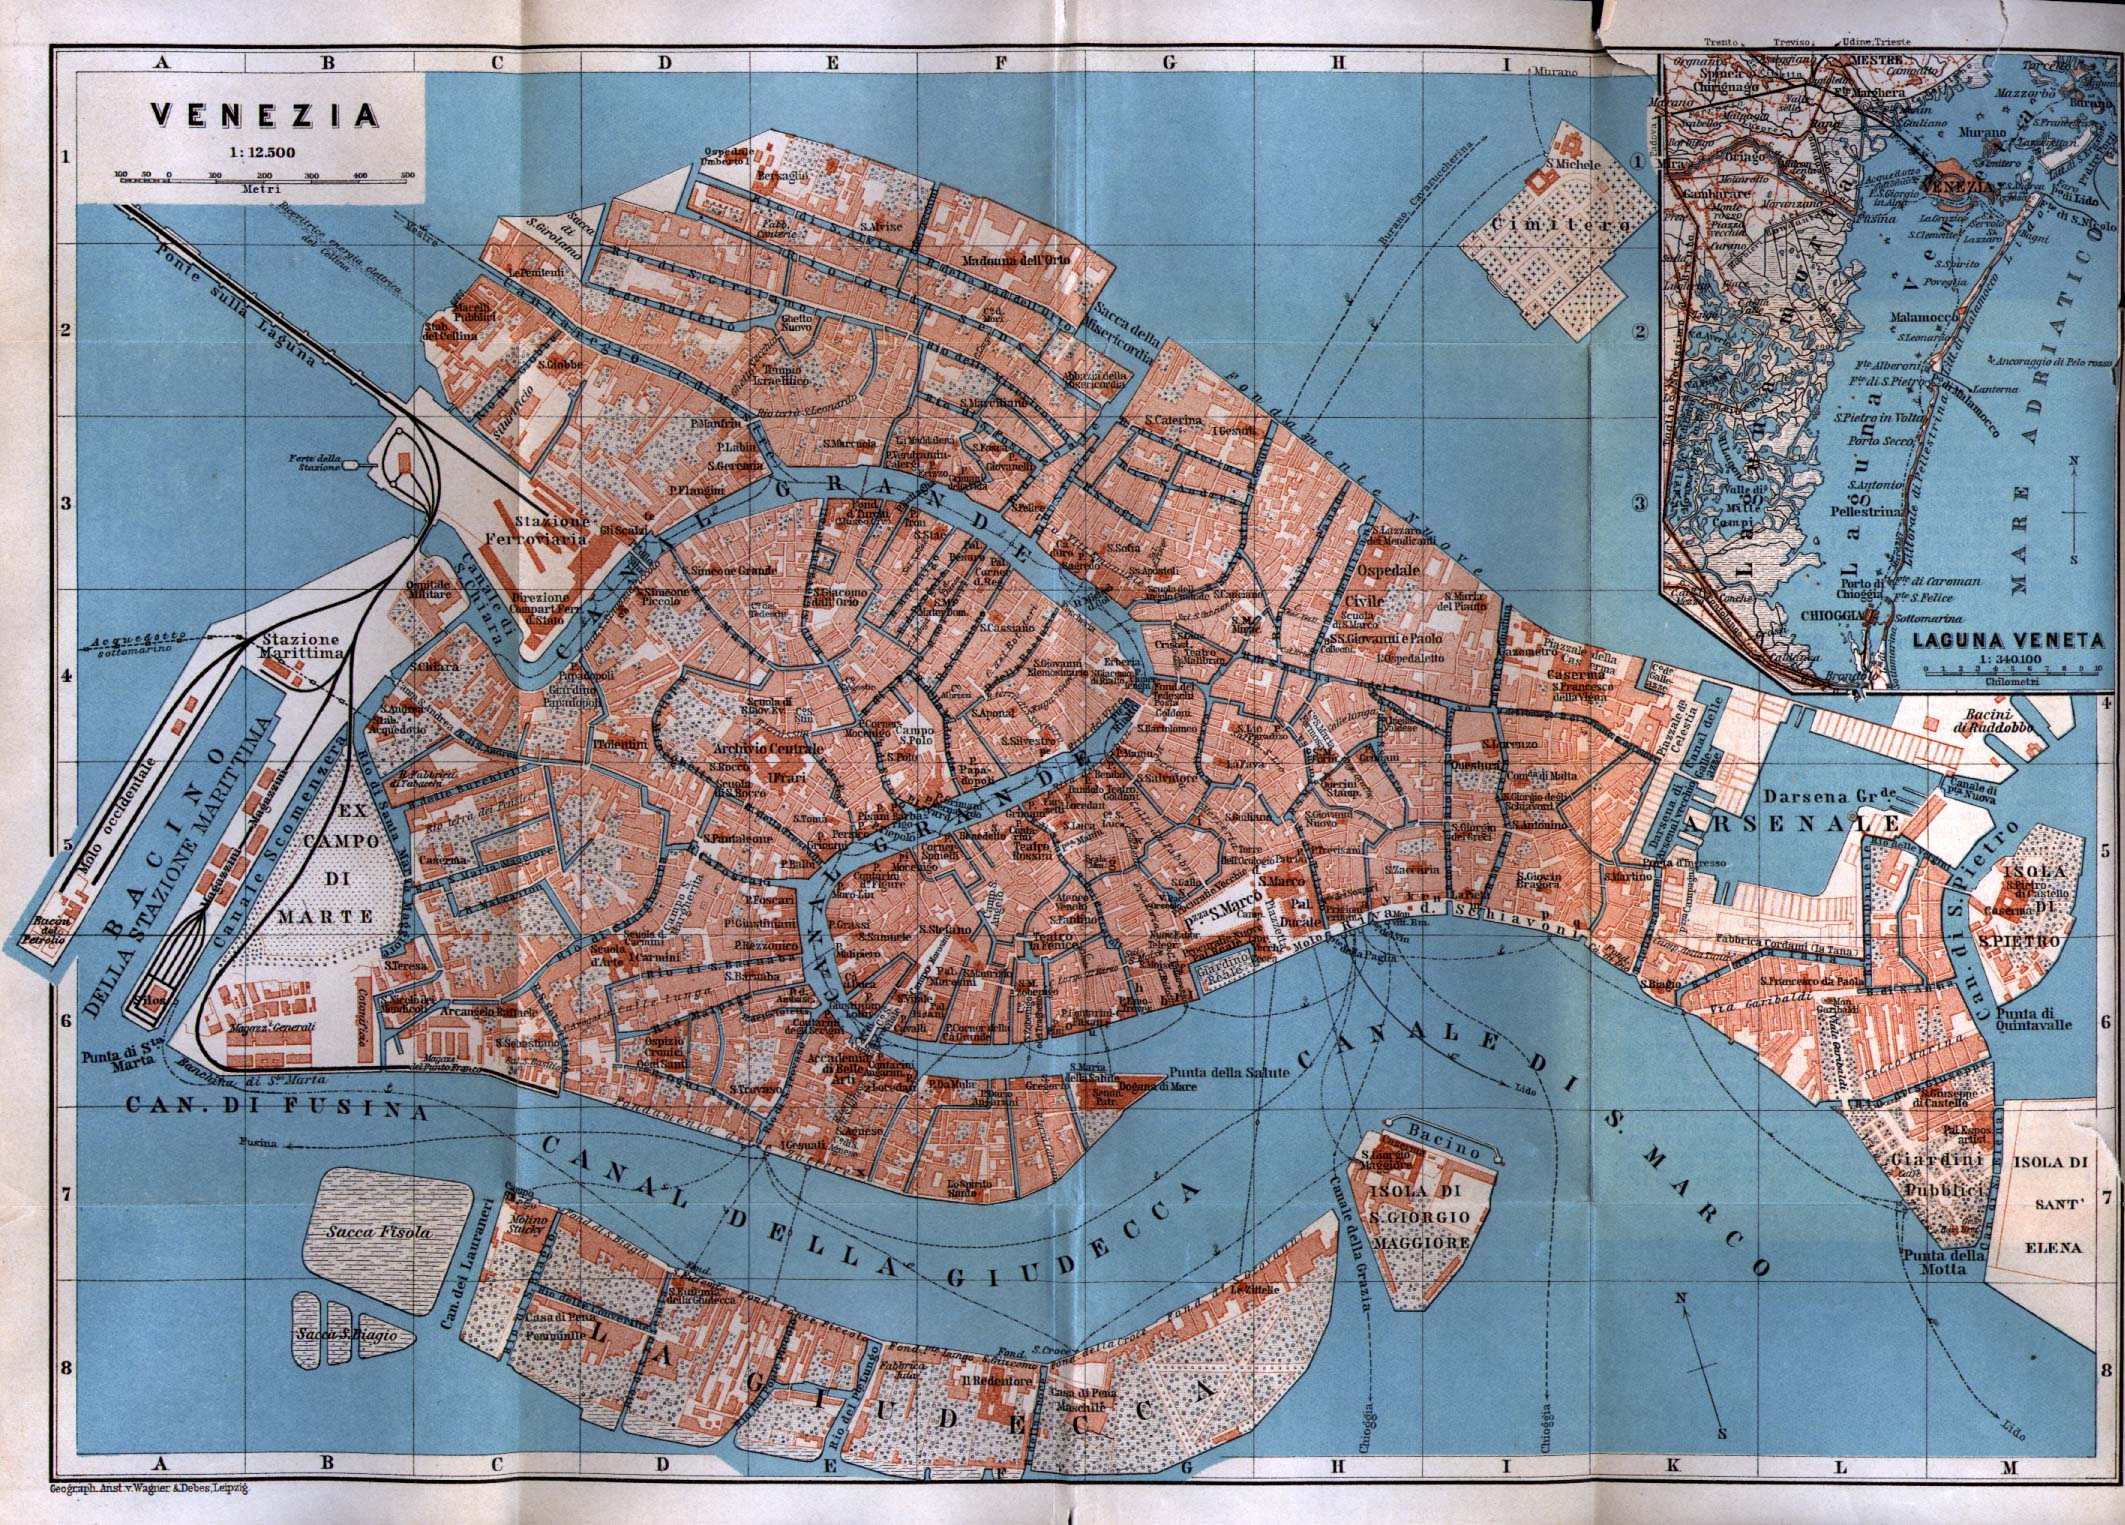 Cartina Turistica Venezia Da Stampare.Mappa Venezia Ecco Come Orientarsi Nella Citta Lagunare Turista Fai Da Te